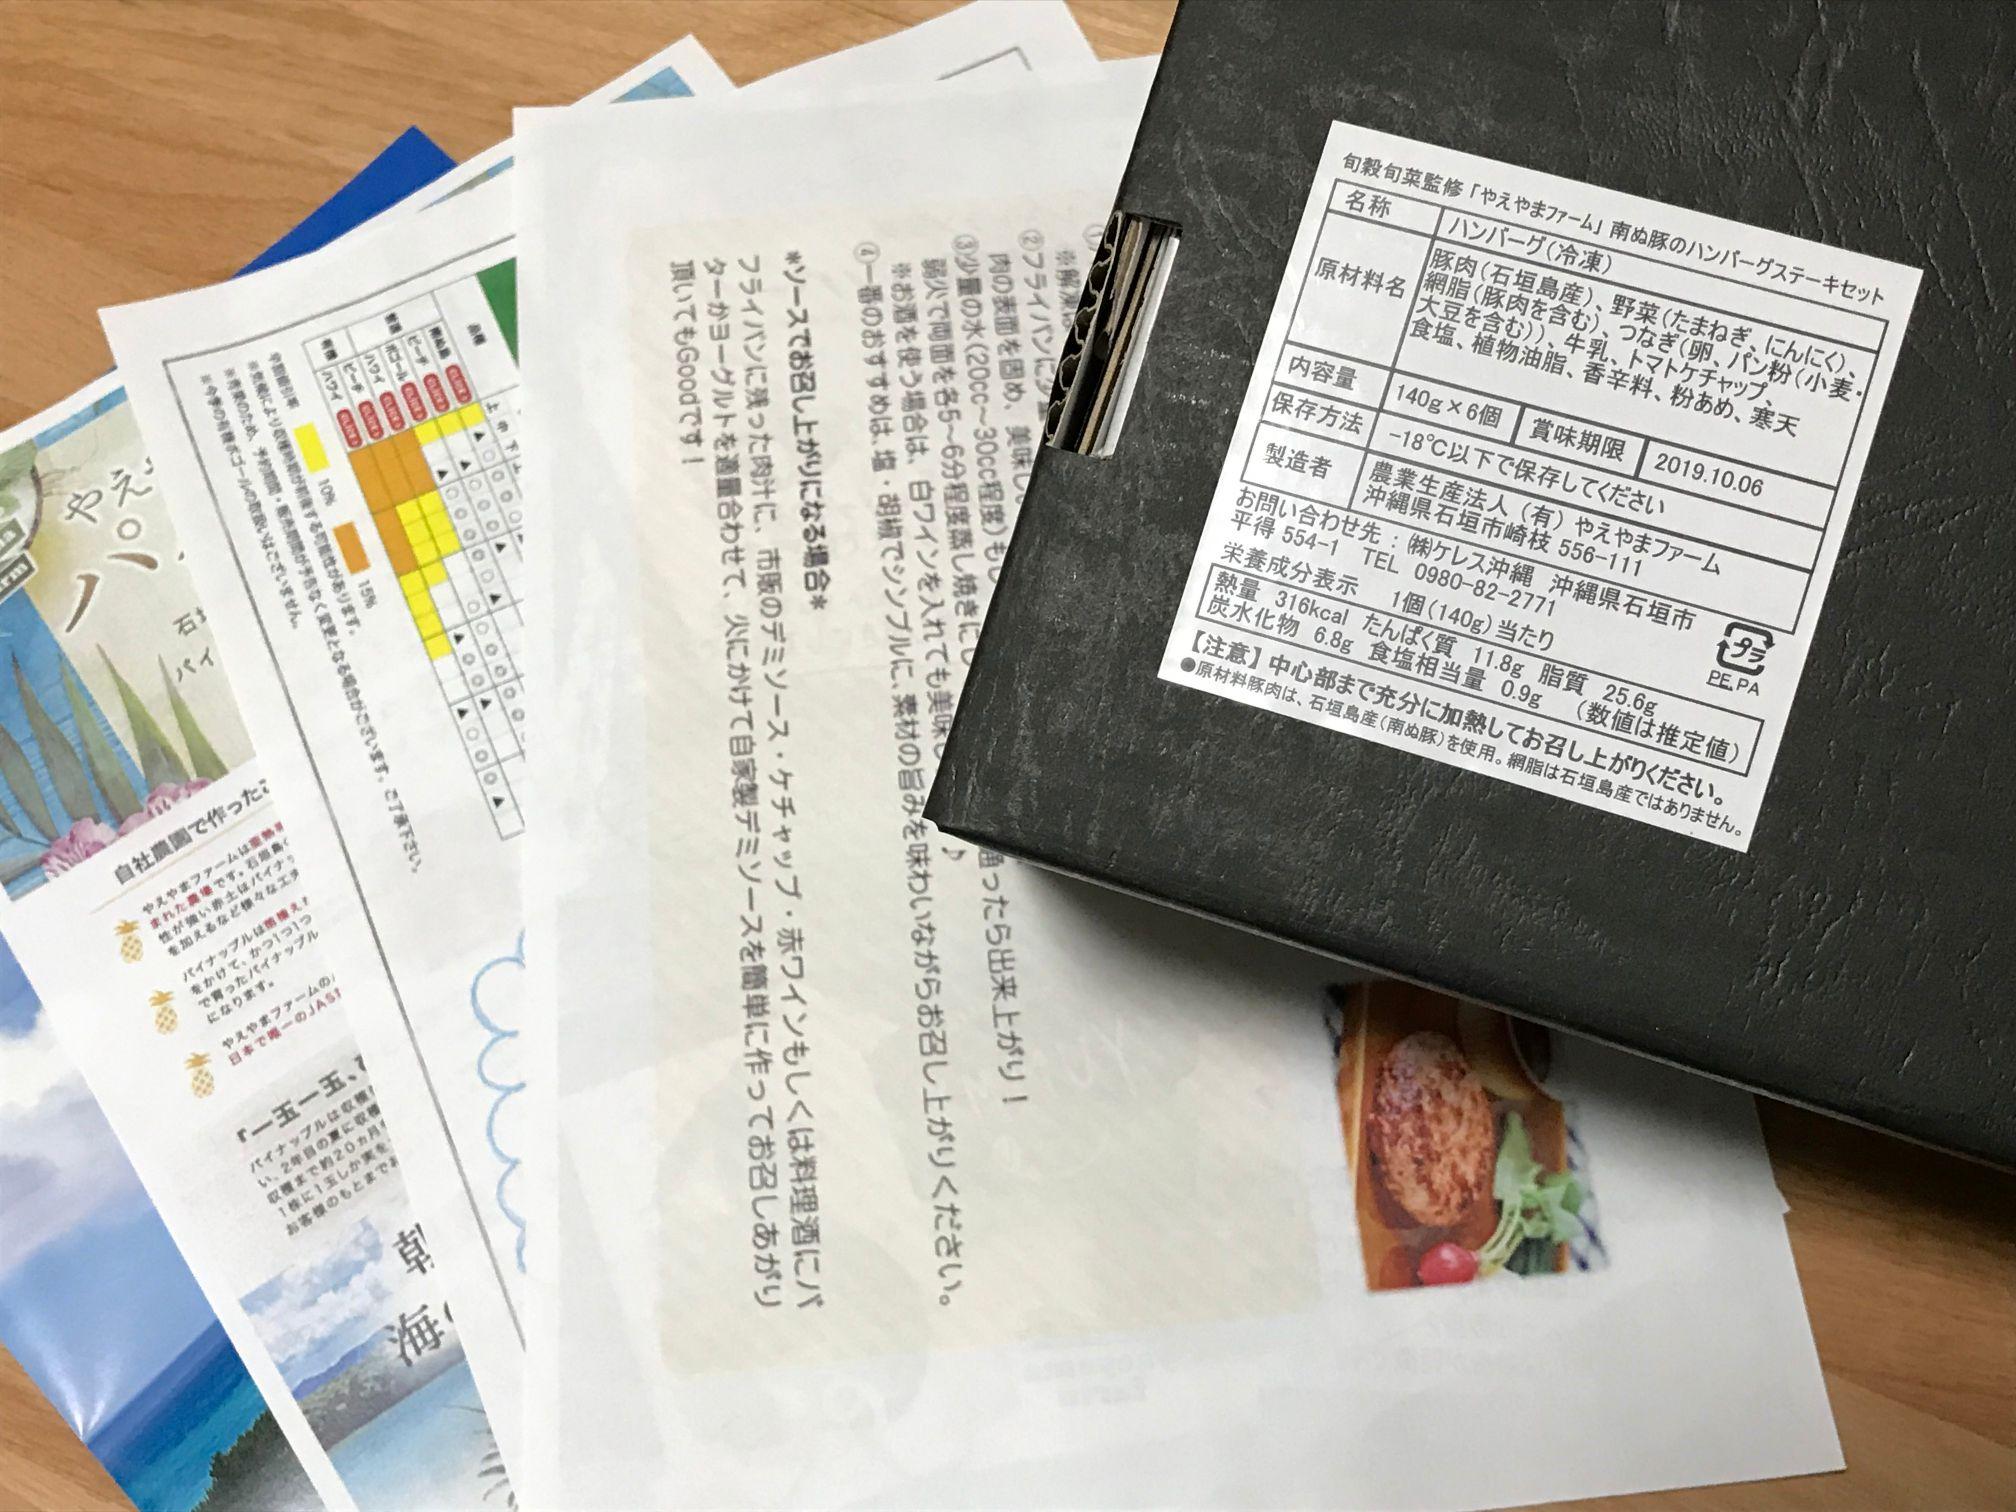 アグー豚【南ぬ豚(ぱいぬぶた)】網脂ハンバーグ6個セットの同梱物